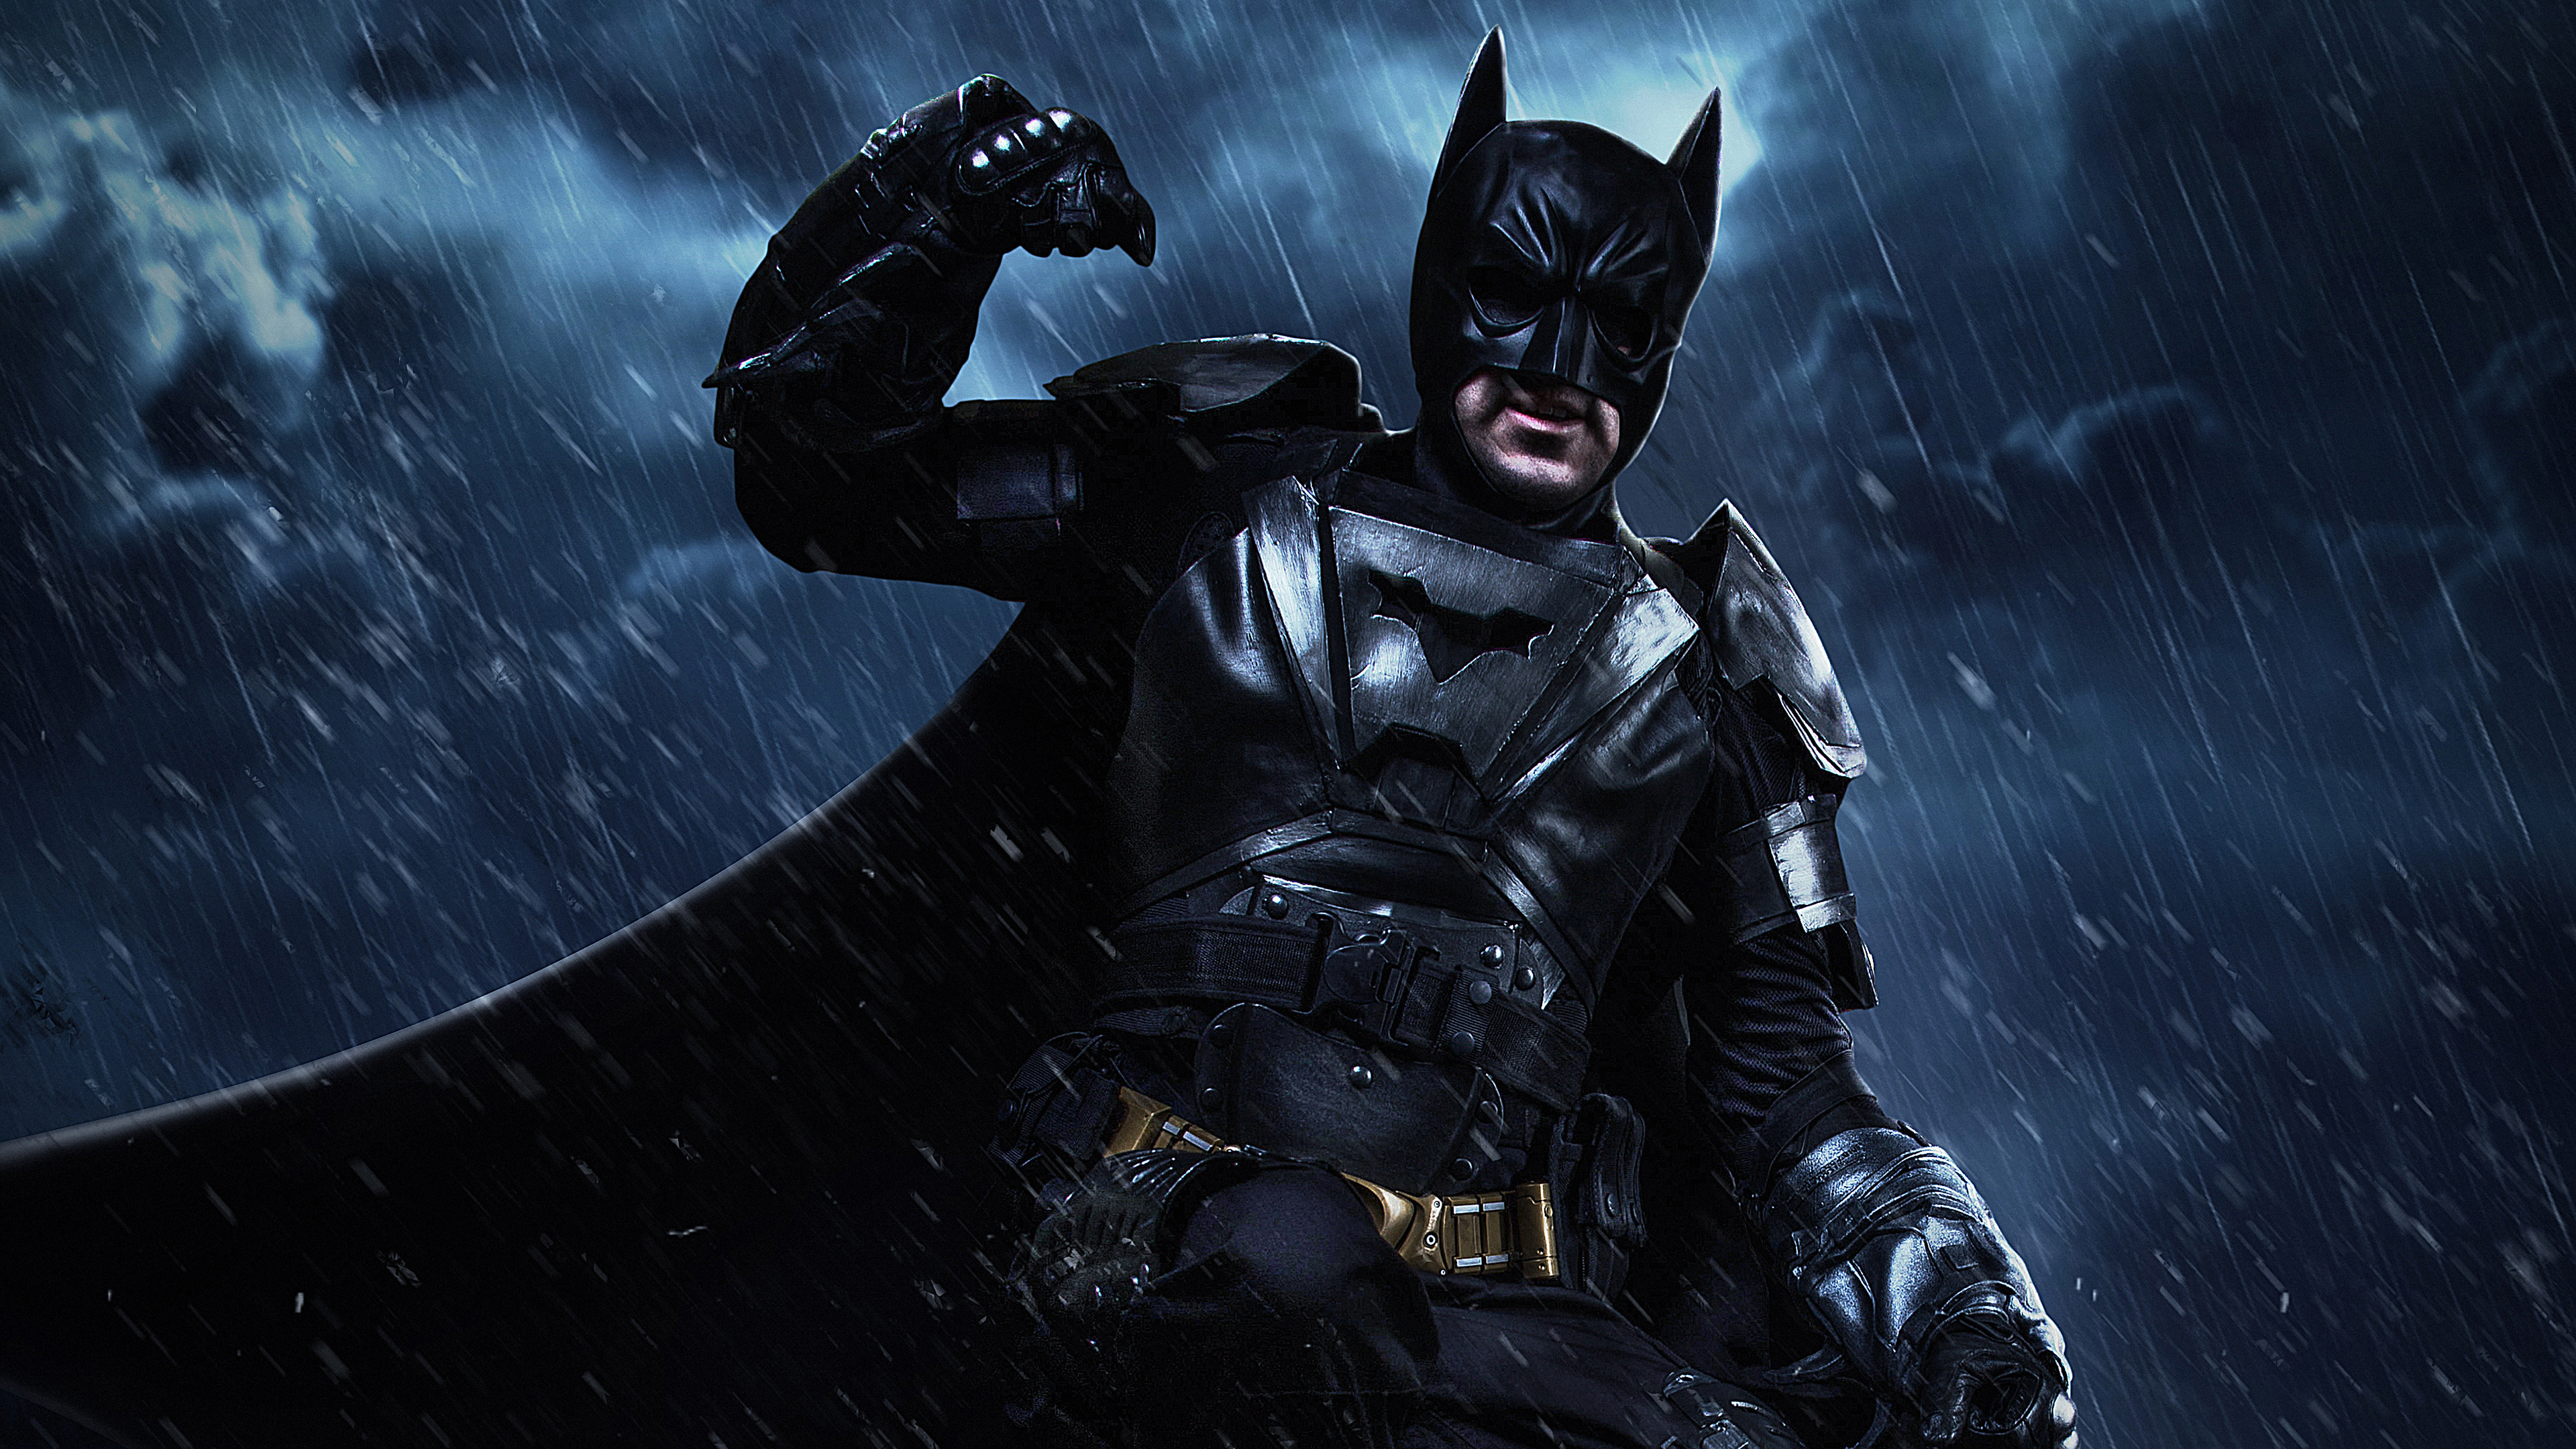 batman cosplay 4k 1541294300 - Batman Cosplay 4k - superheroes wallpapers, hd-wallpapers, cosplay wallpapers, behance wallpapers, batman wallpapers, artist wallpapers, 4k-wallpapers